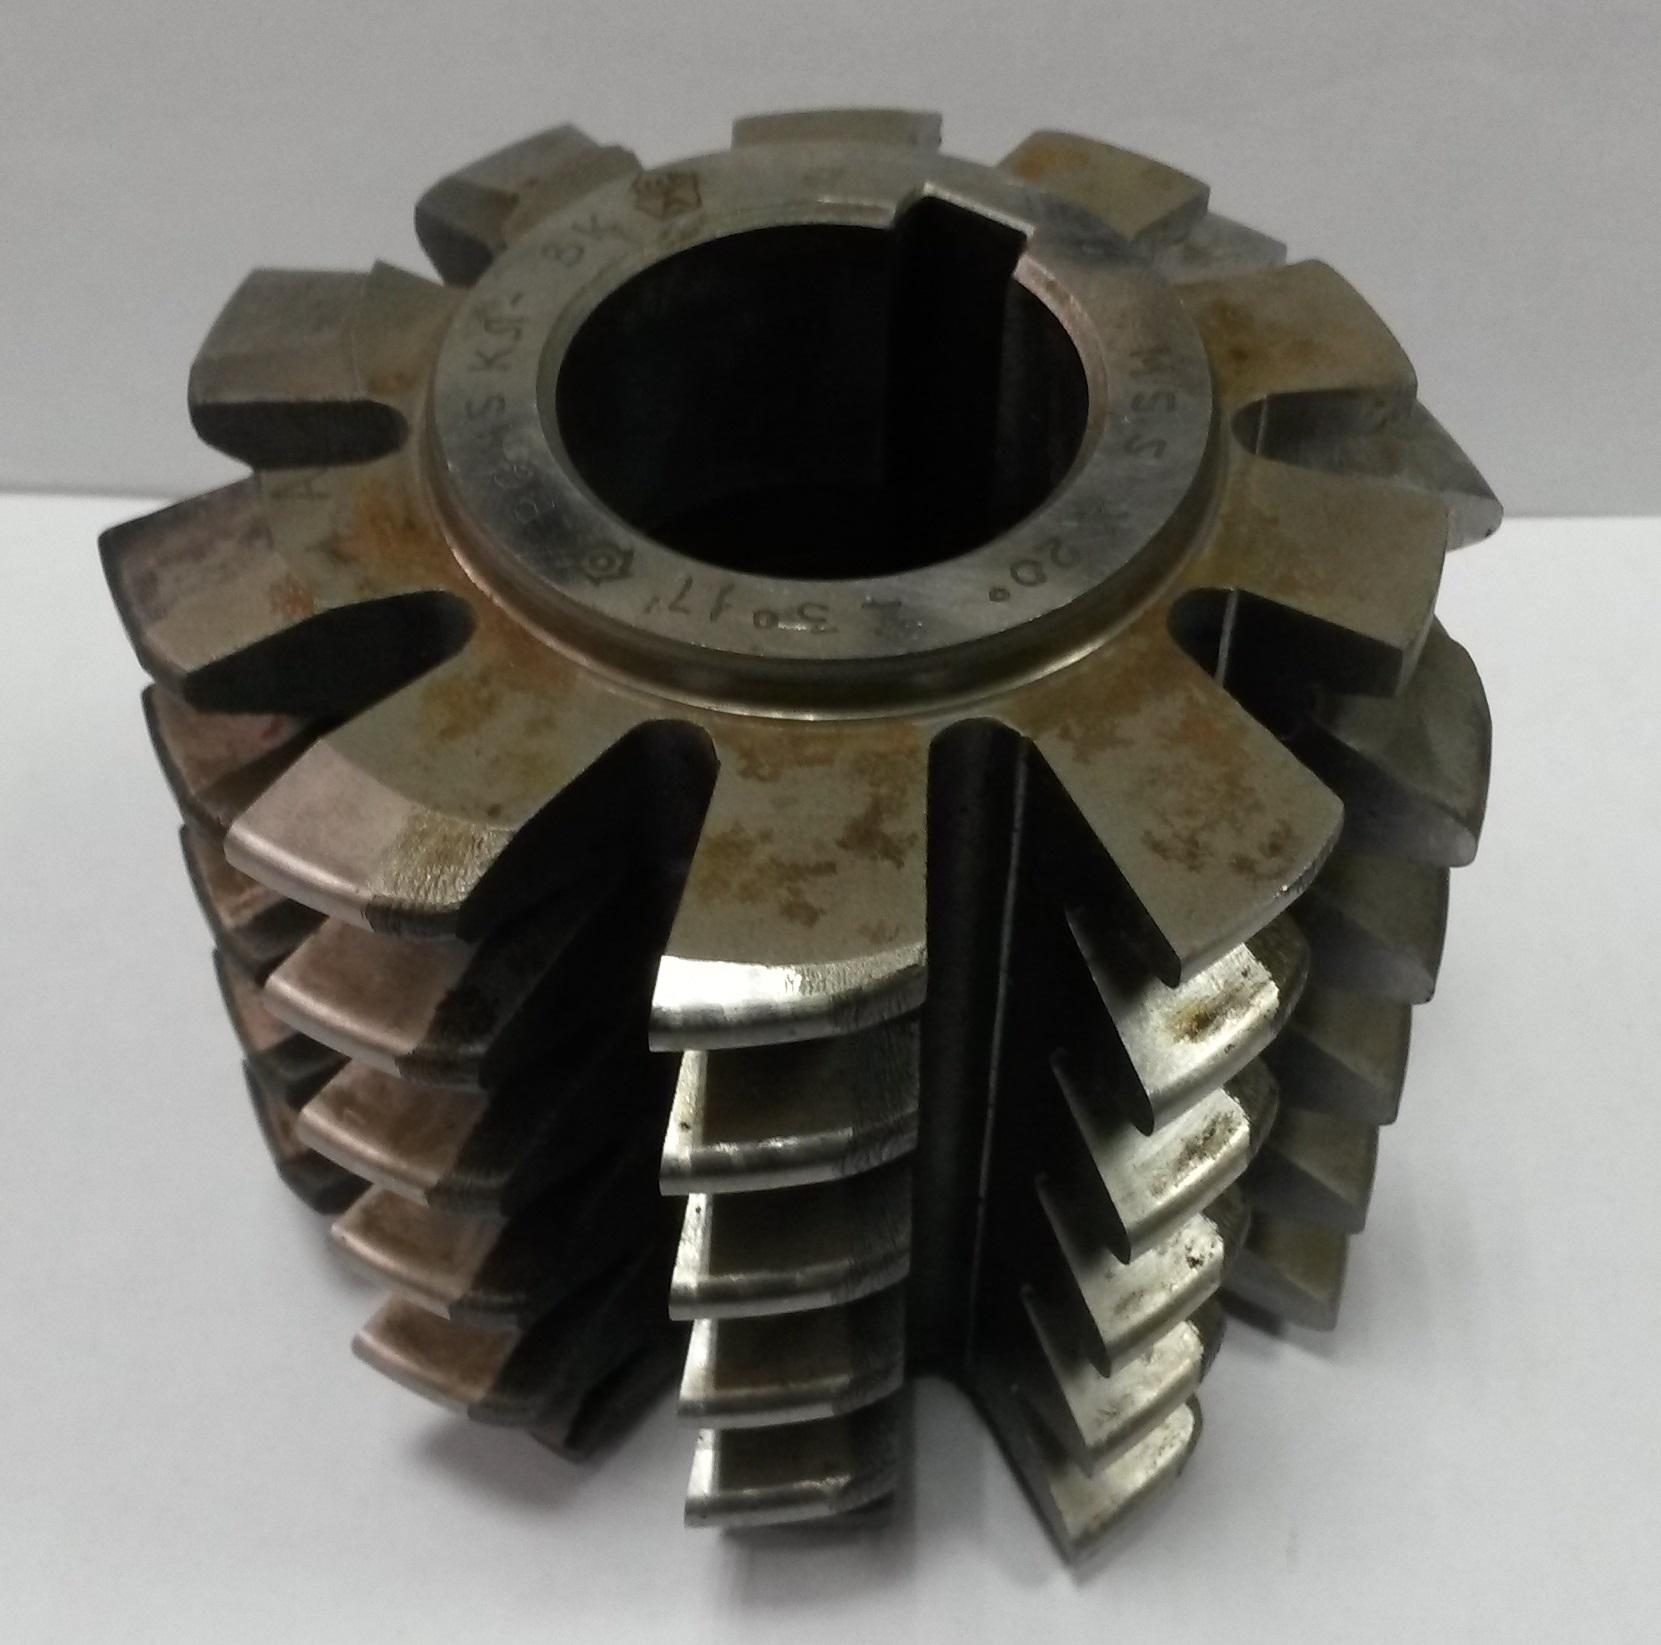 Фрезерование прямозубых цилиндрических и конических зубчатых колее | обработка металлов